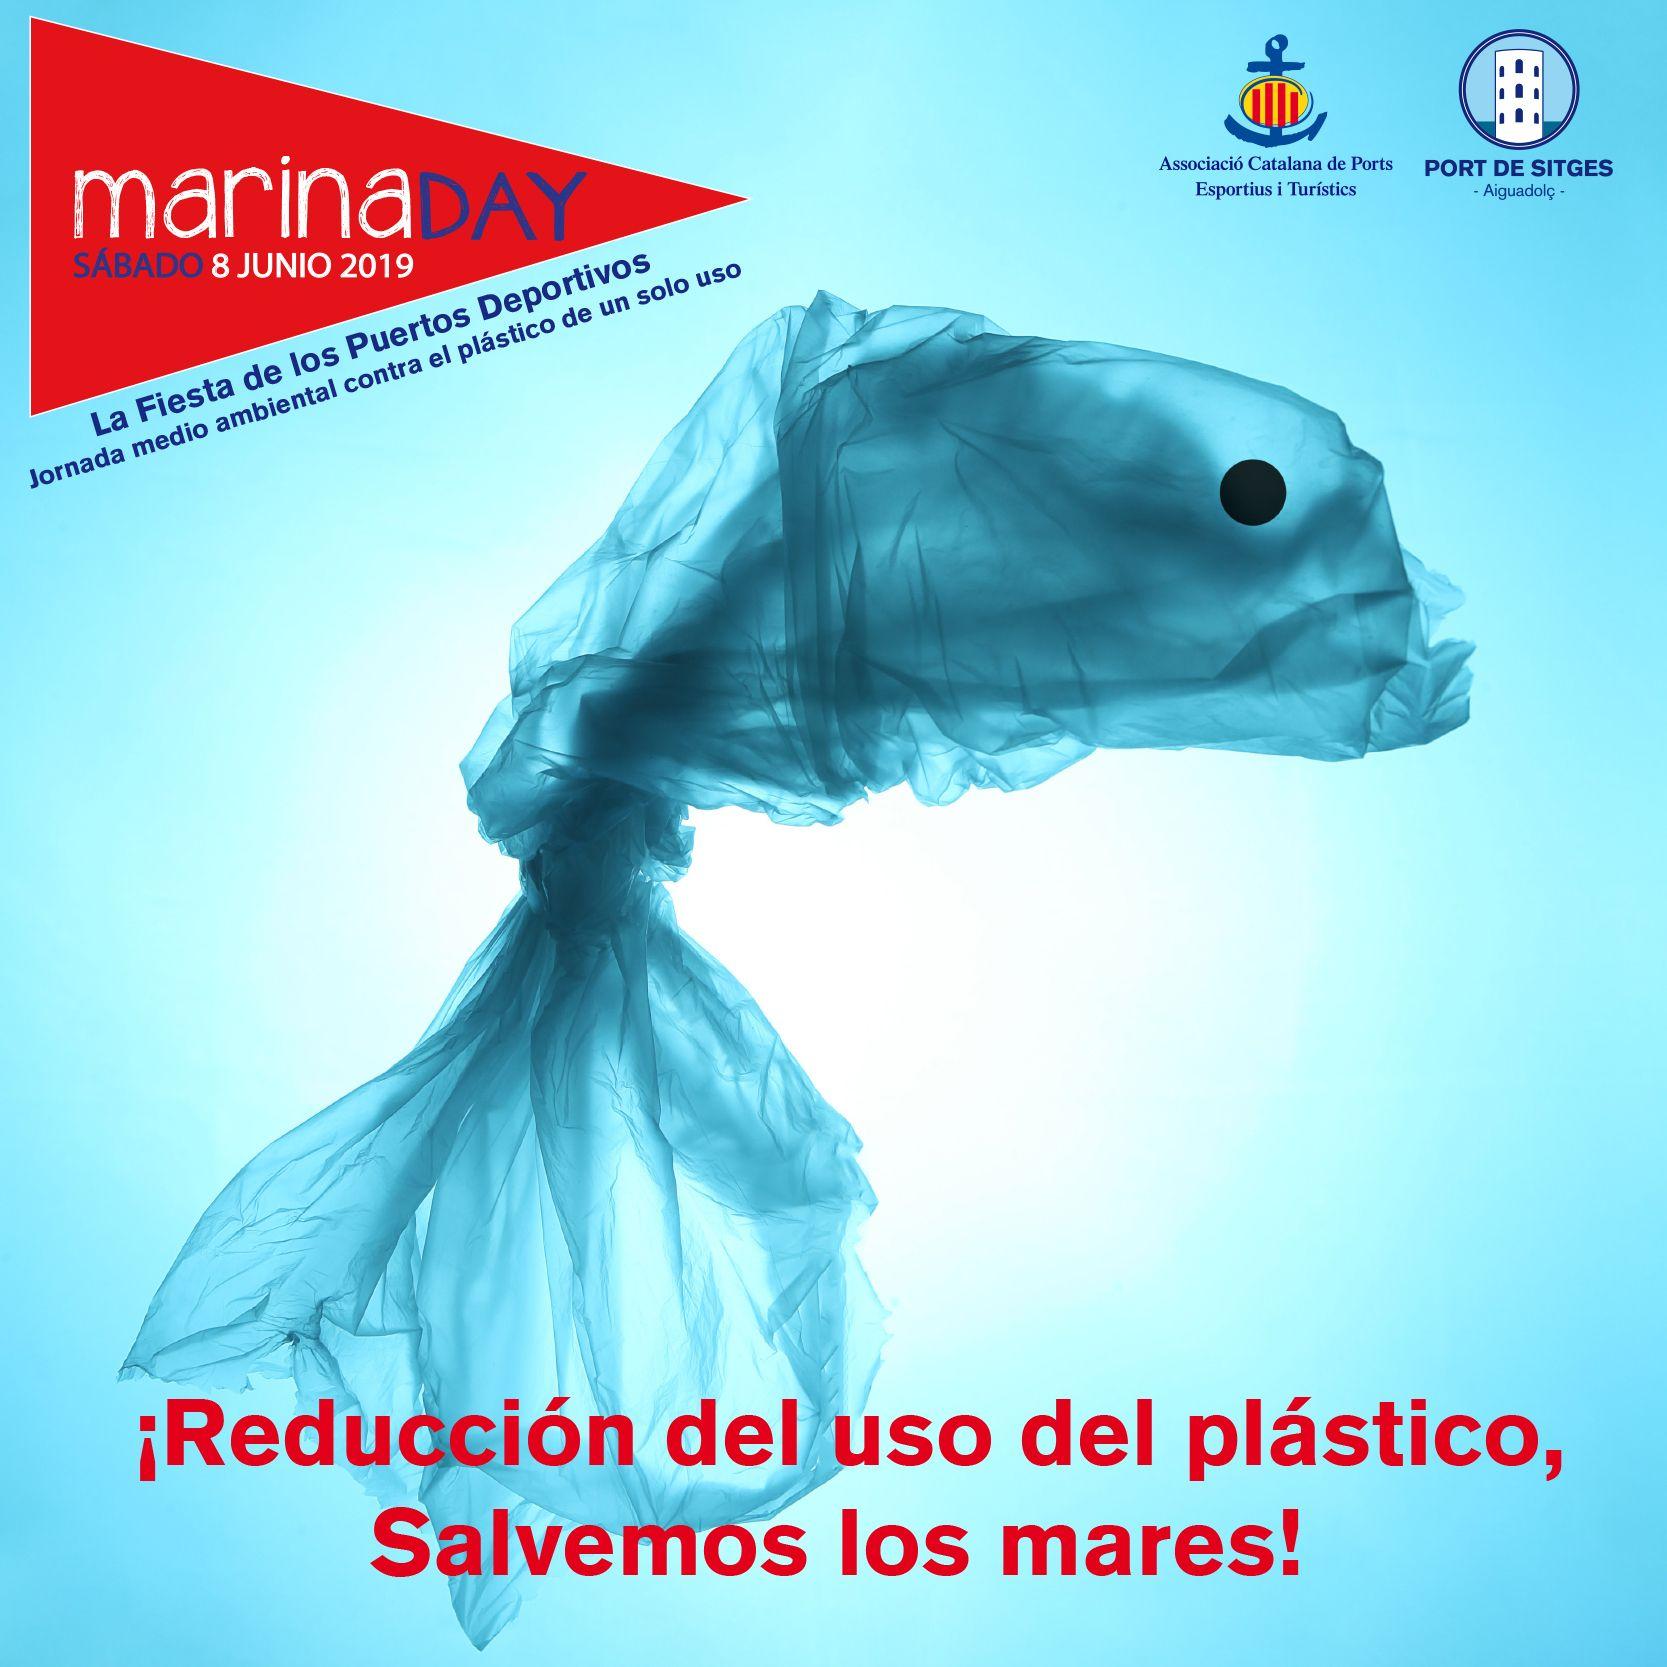 El Port de Sitges-Aiguadolç, celebra el sábado 8 de junio, el Marina Day, el día de los puertos de Cataluña.